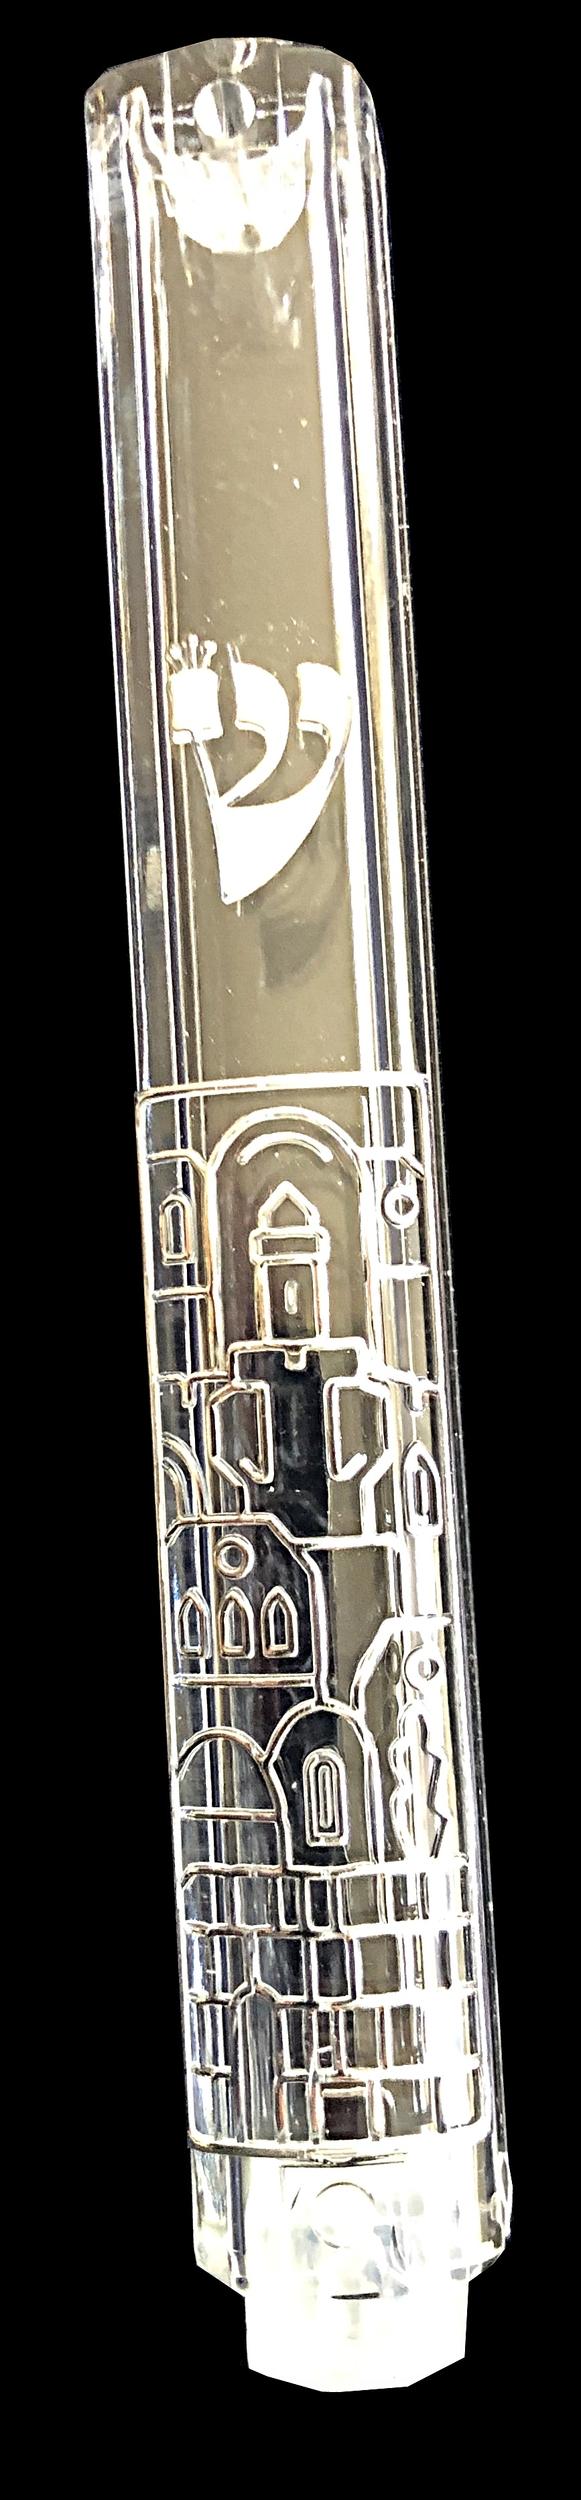 Boitier de mezouza en PVC transparent avec déco Jérusalem